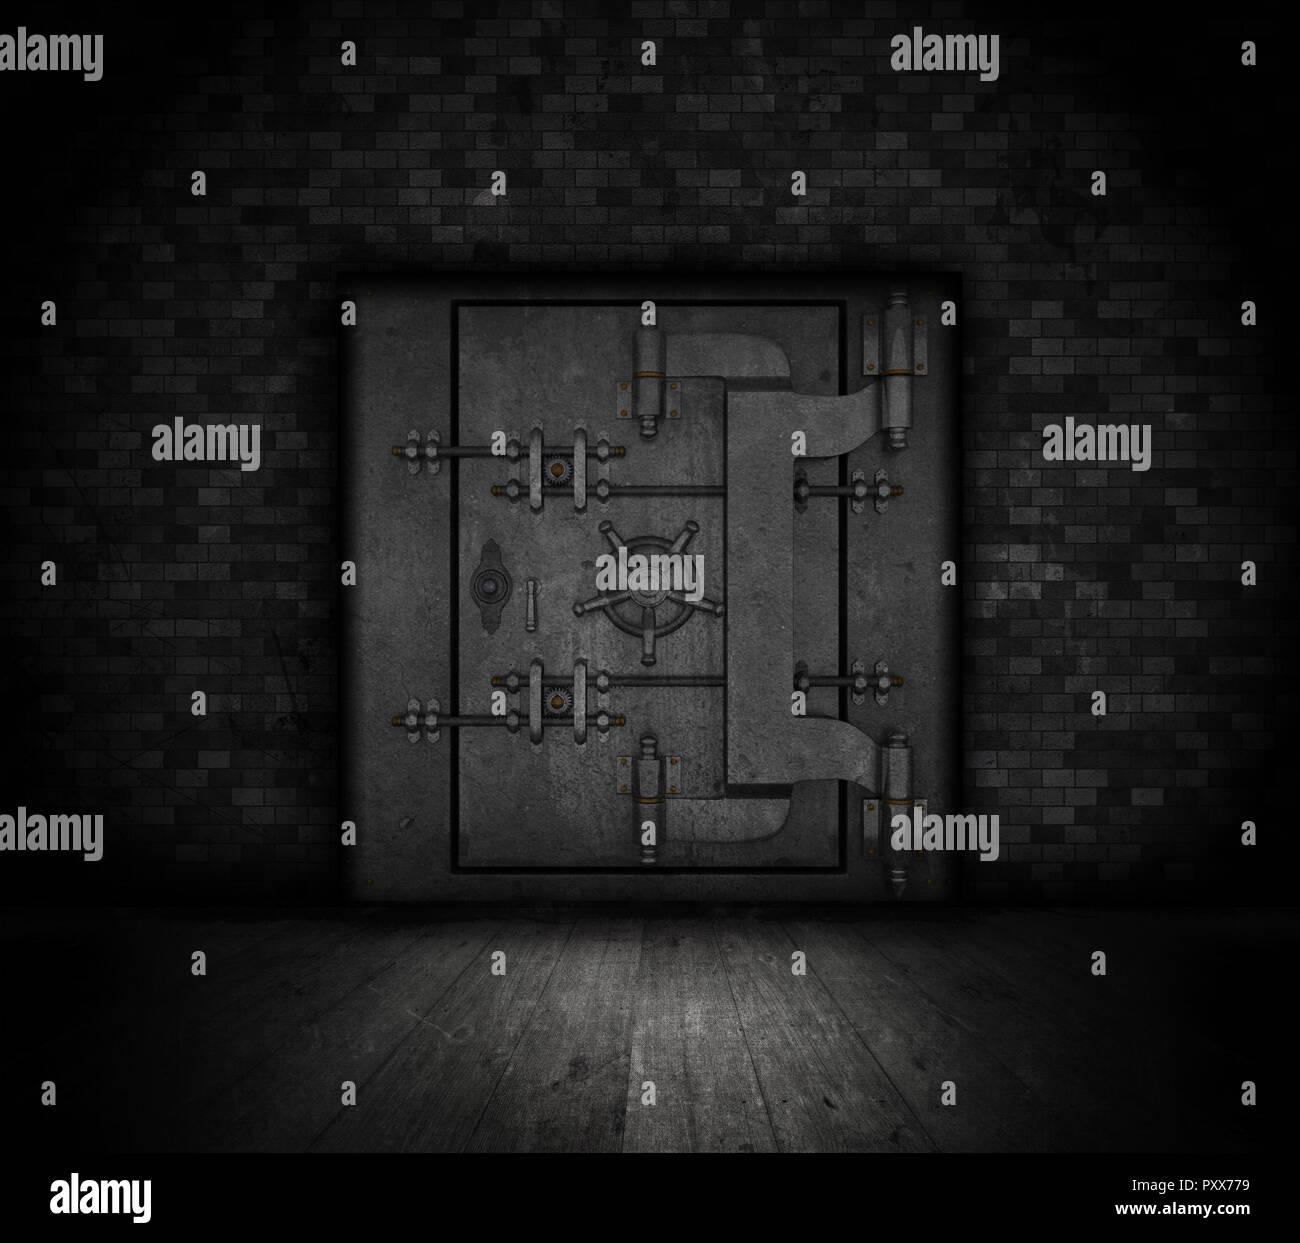 Grunge style bank vault door in a dark interior - Stock Image